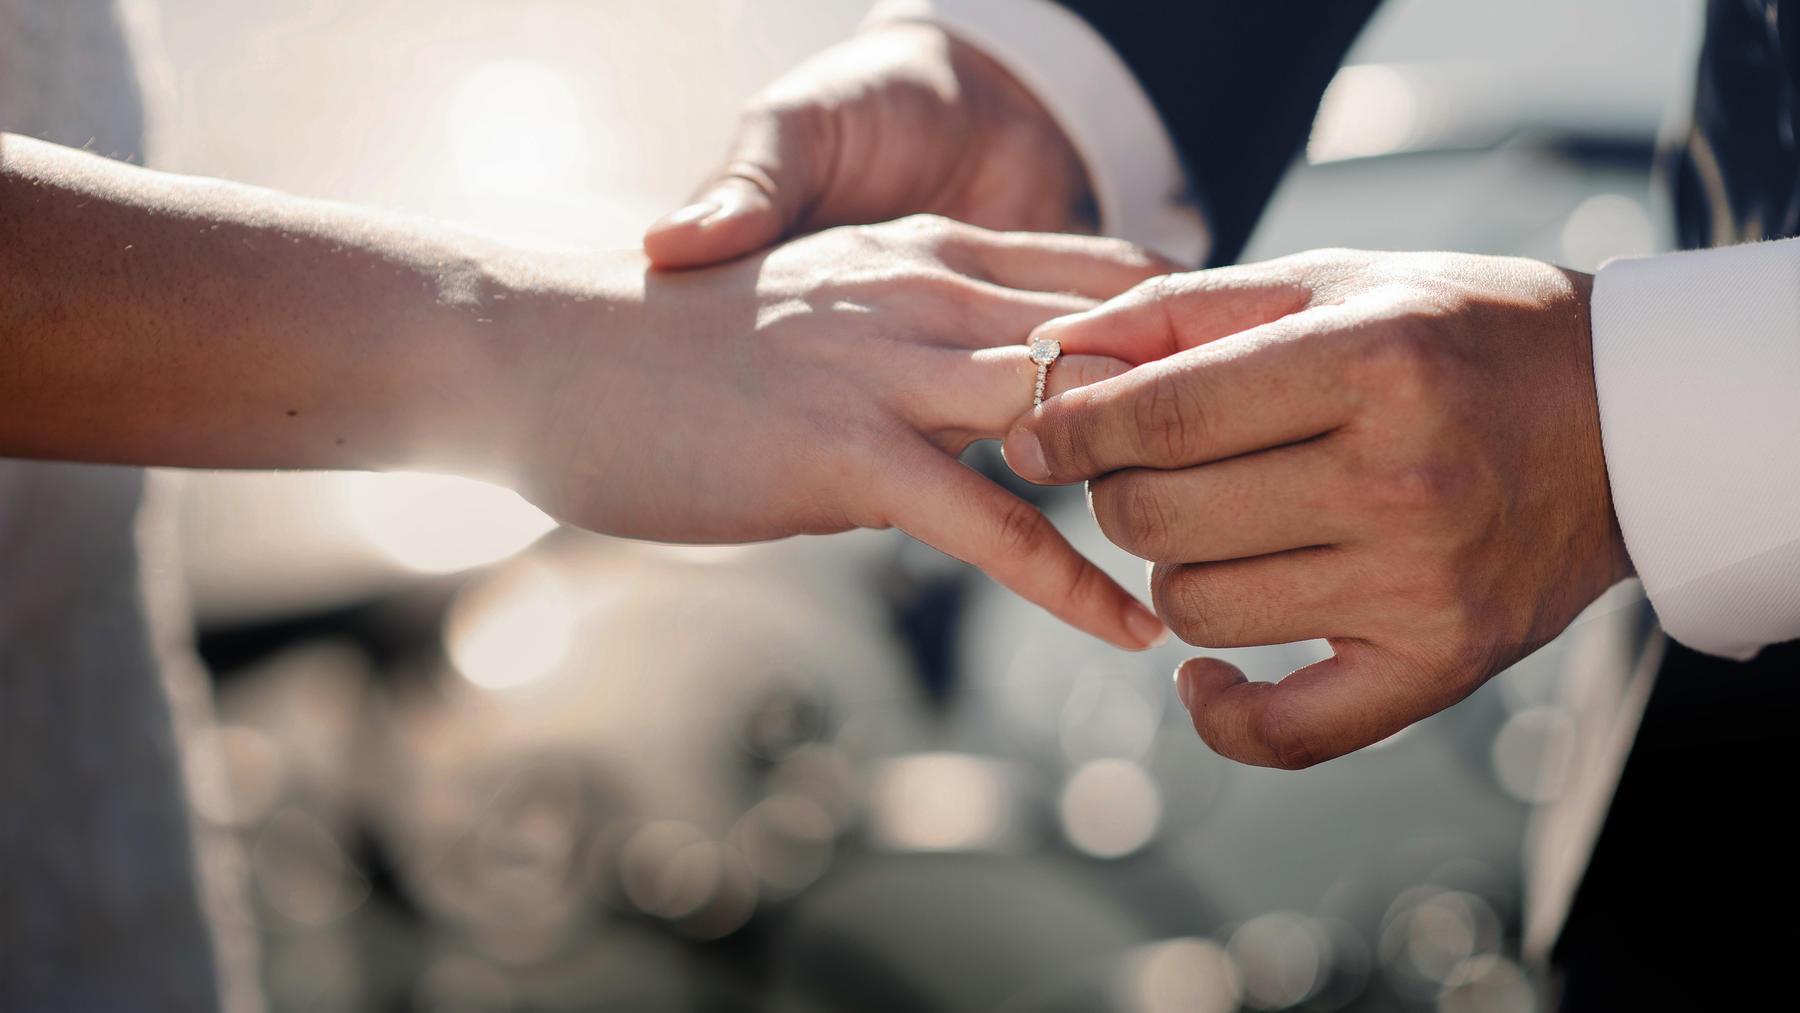 mein-schoenster-tag-heute-wird-geheiratet